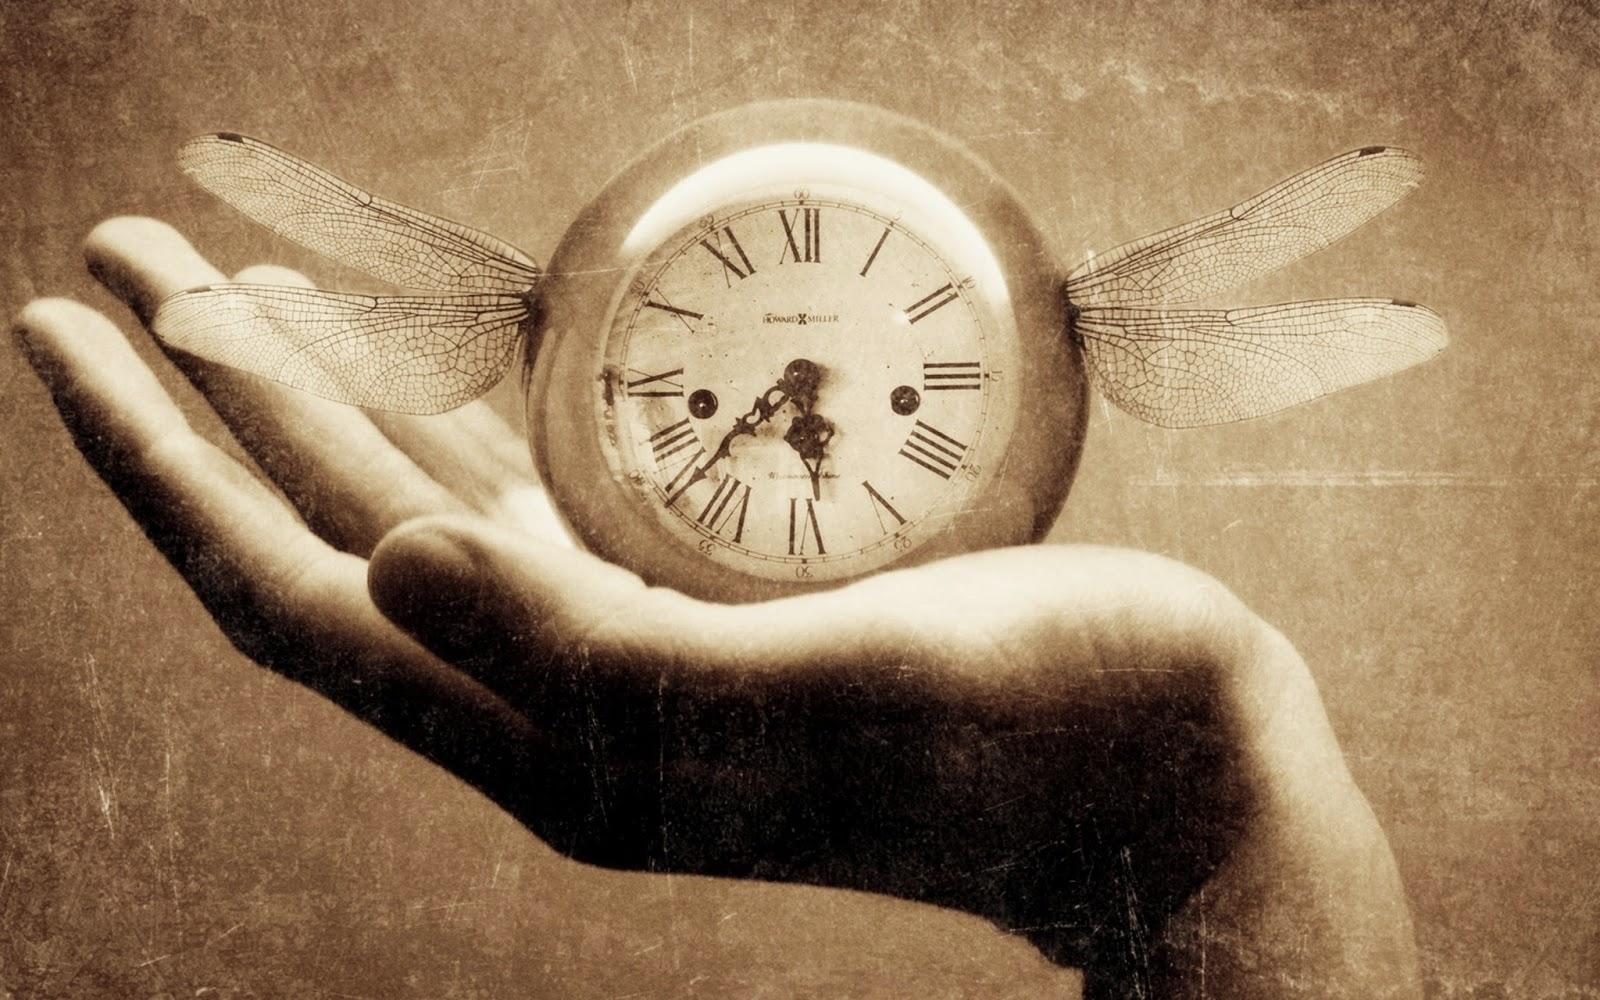 4 món nợ tuyệt đối không được mắc với người thân